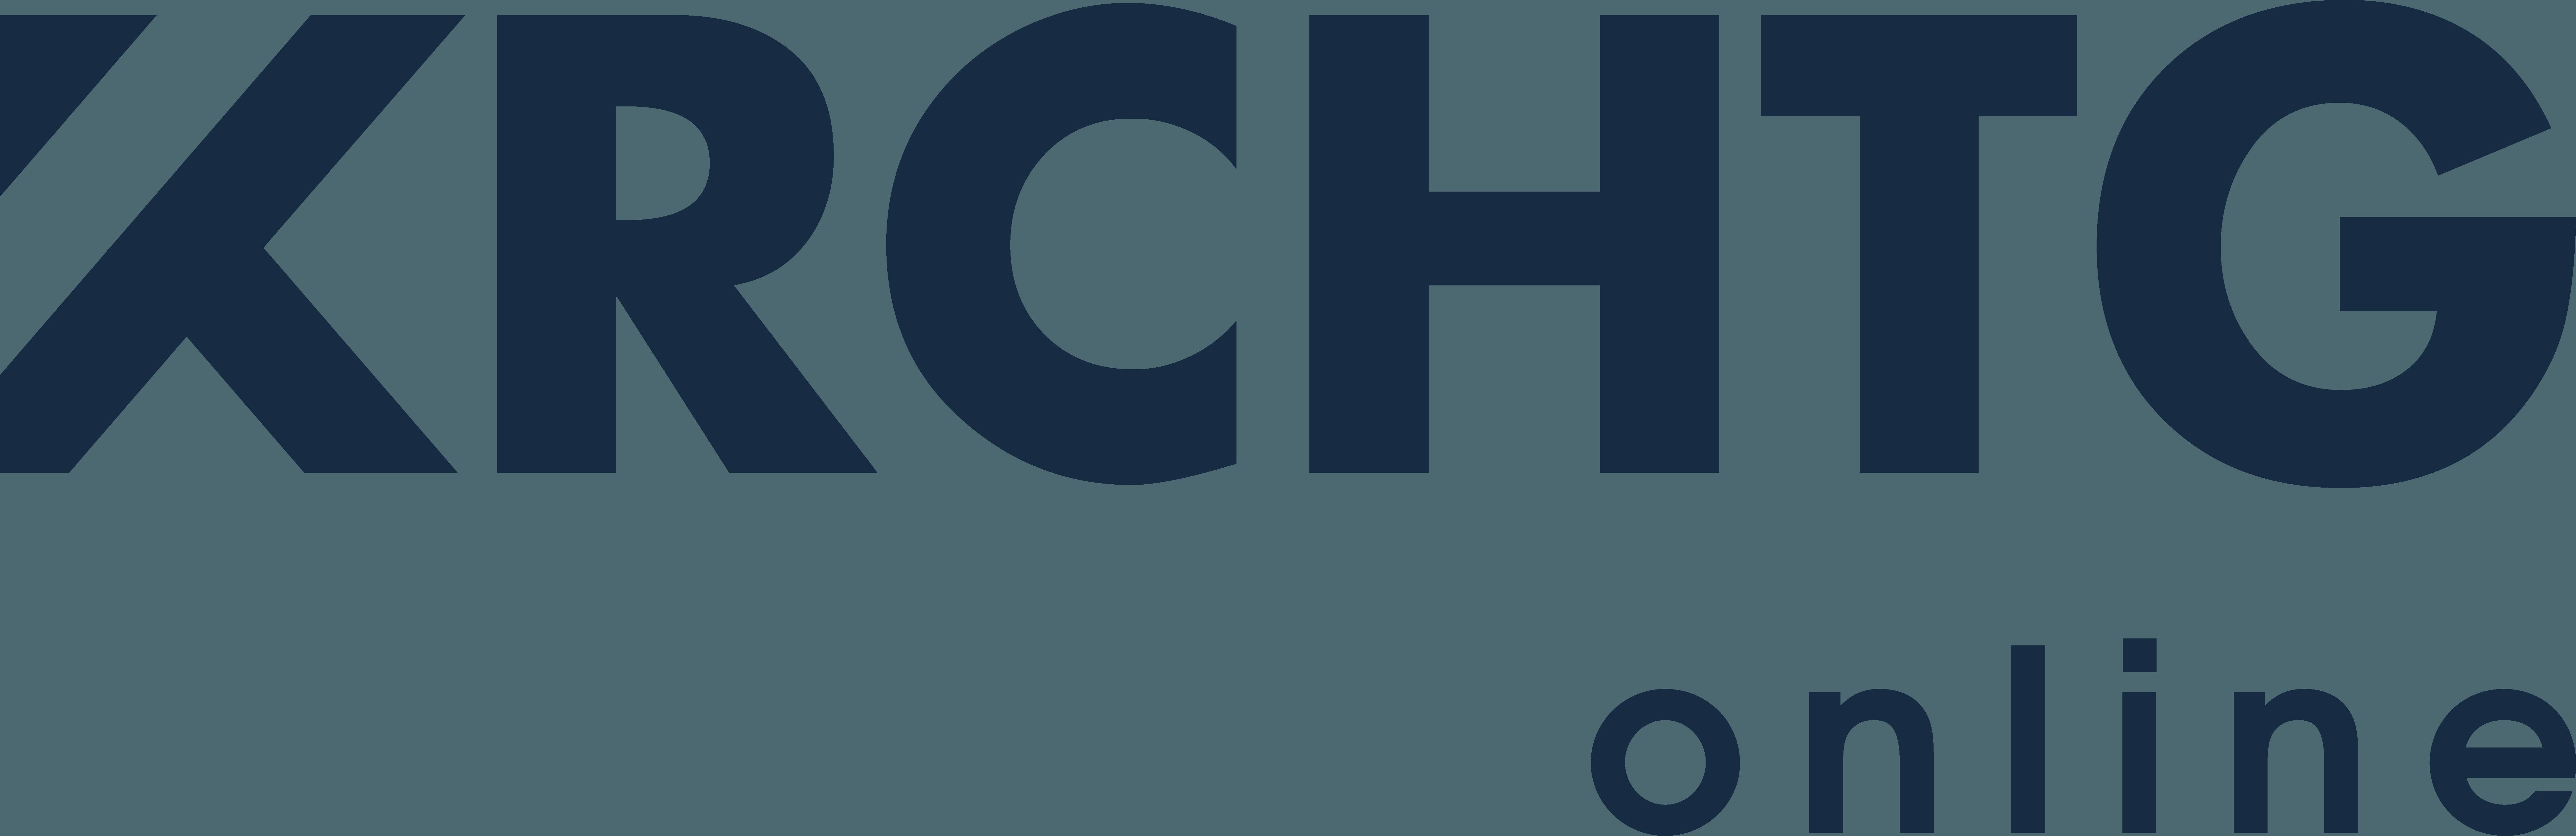 KRCHTG Online